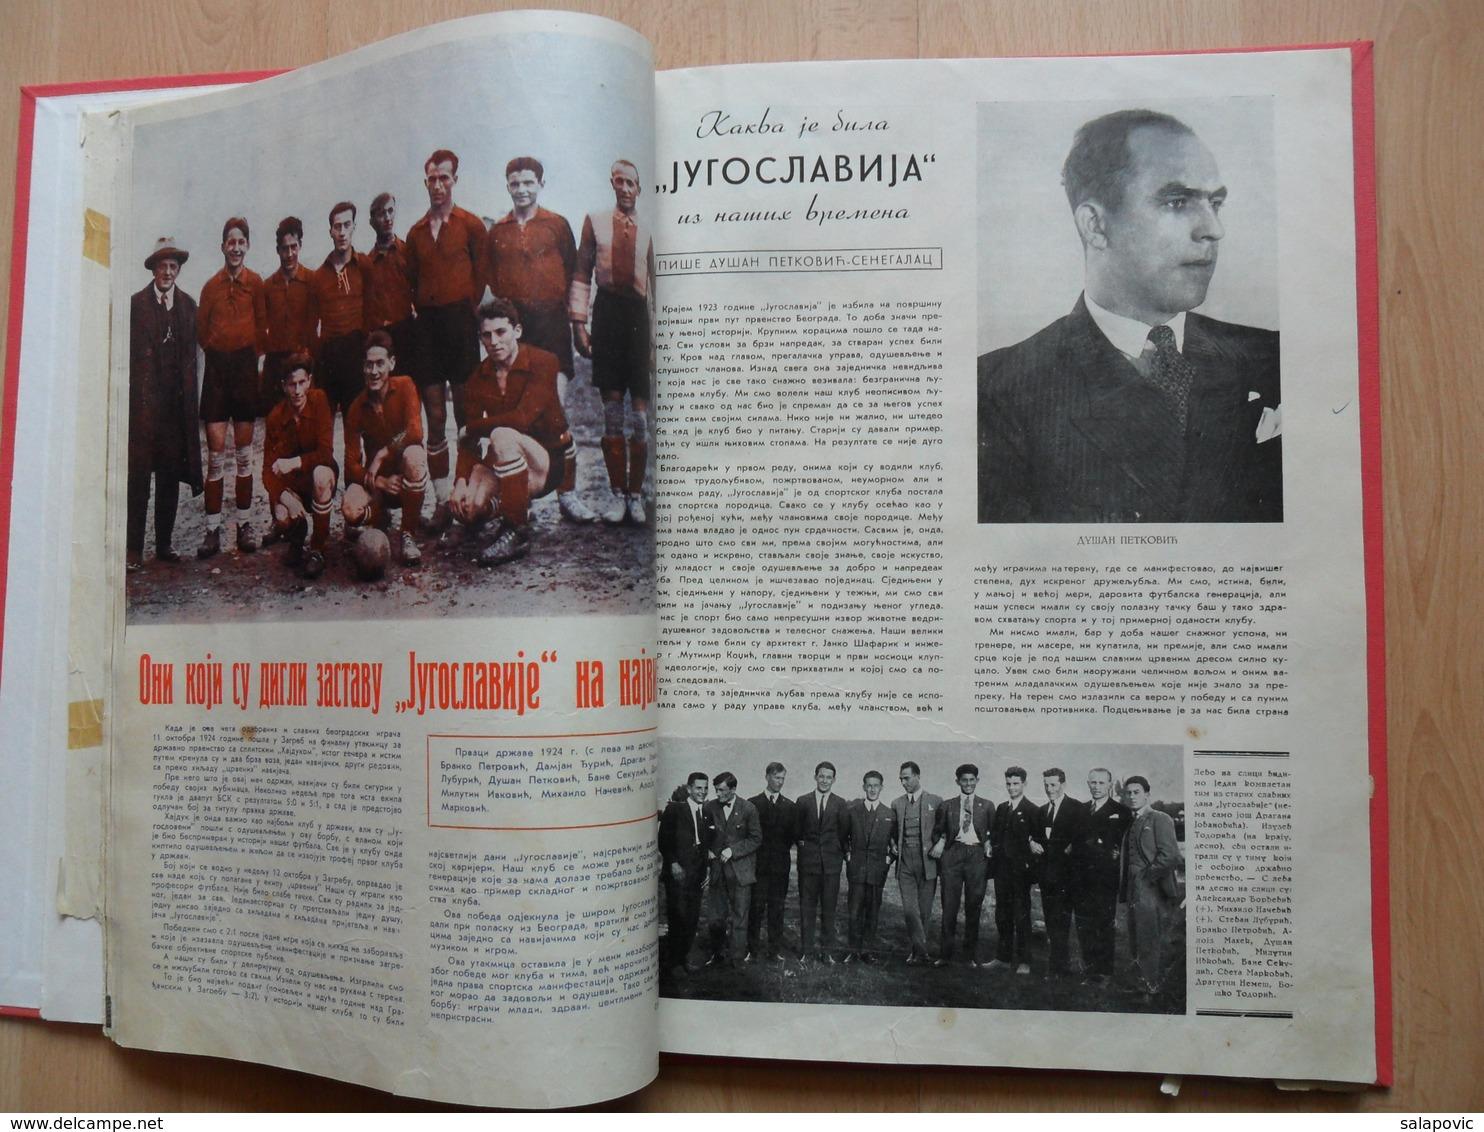 Cetvrt Veka Sportskog Kluba Jugoslavije 1913 1938  S.K. JUGOSLAVIJA - Libros